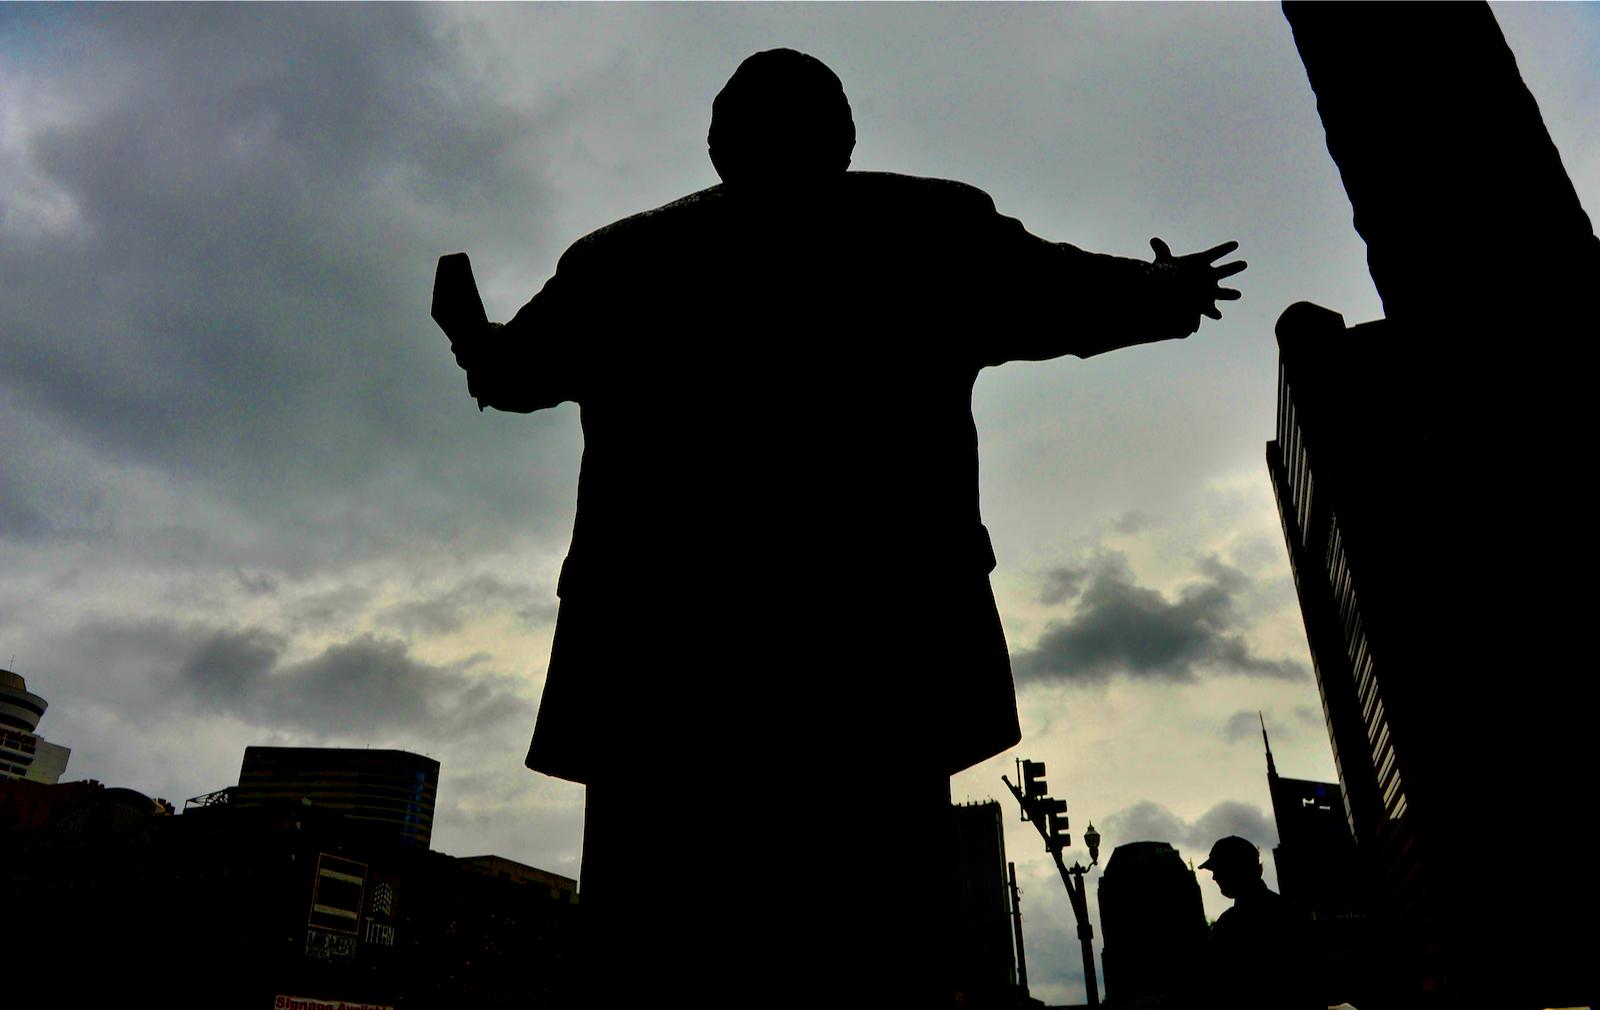 A statue of evangelist Billy Graham